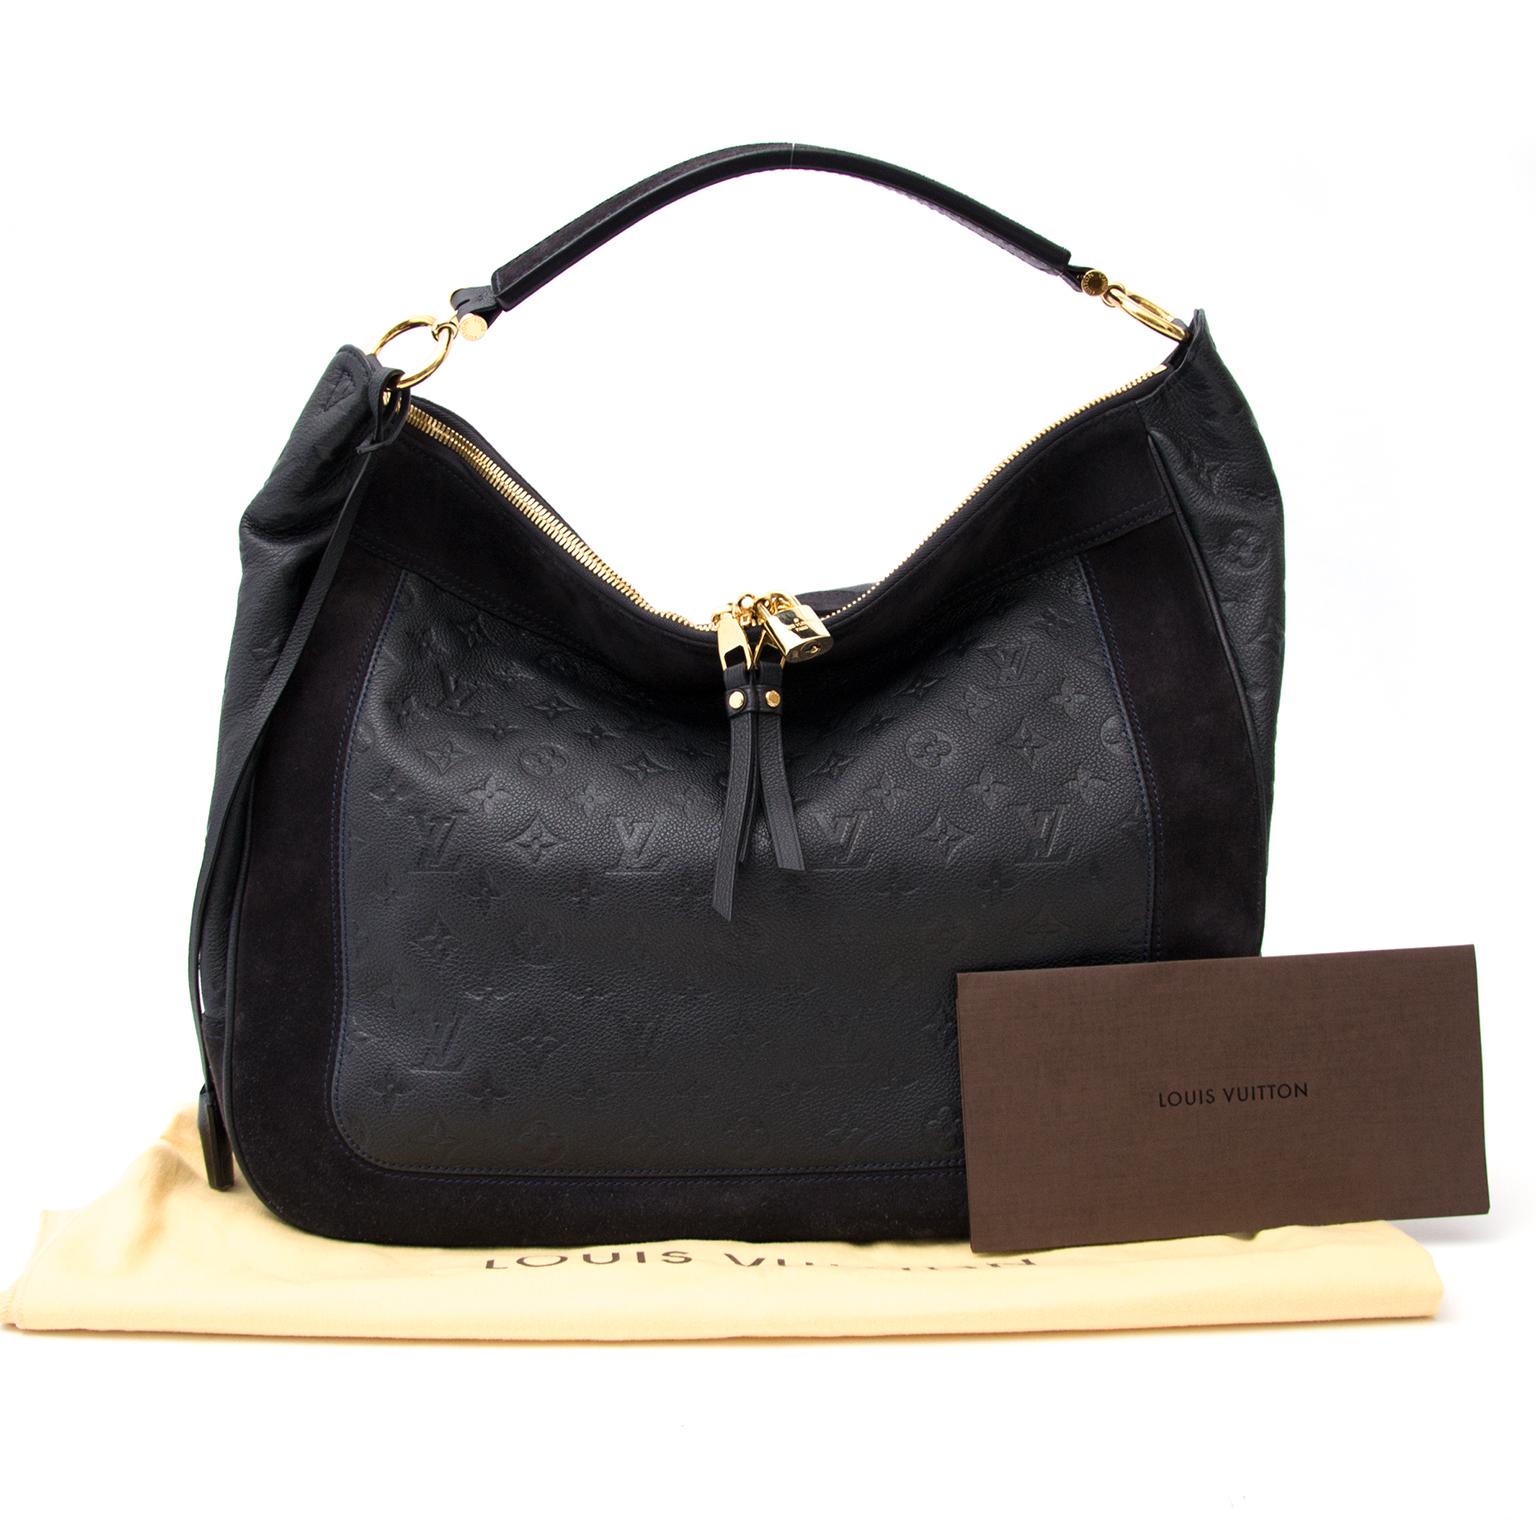 Koop nu veilig een echte Louis Vuitton Audacieuse tas aan de beste prijs.